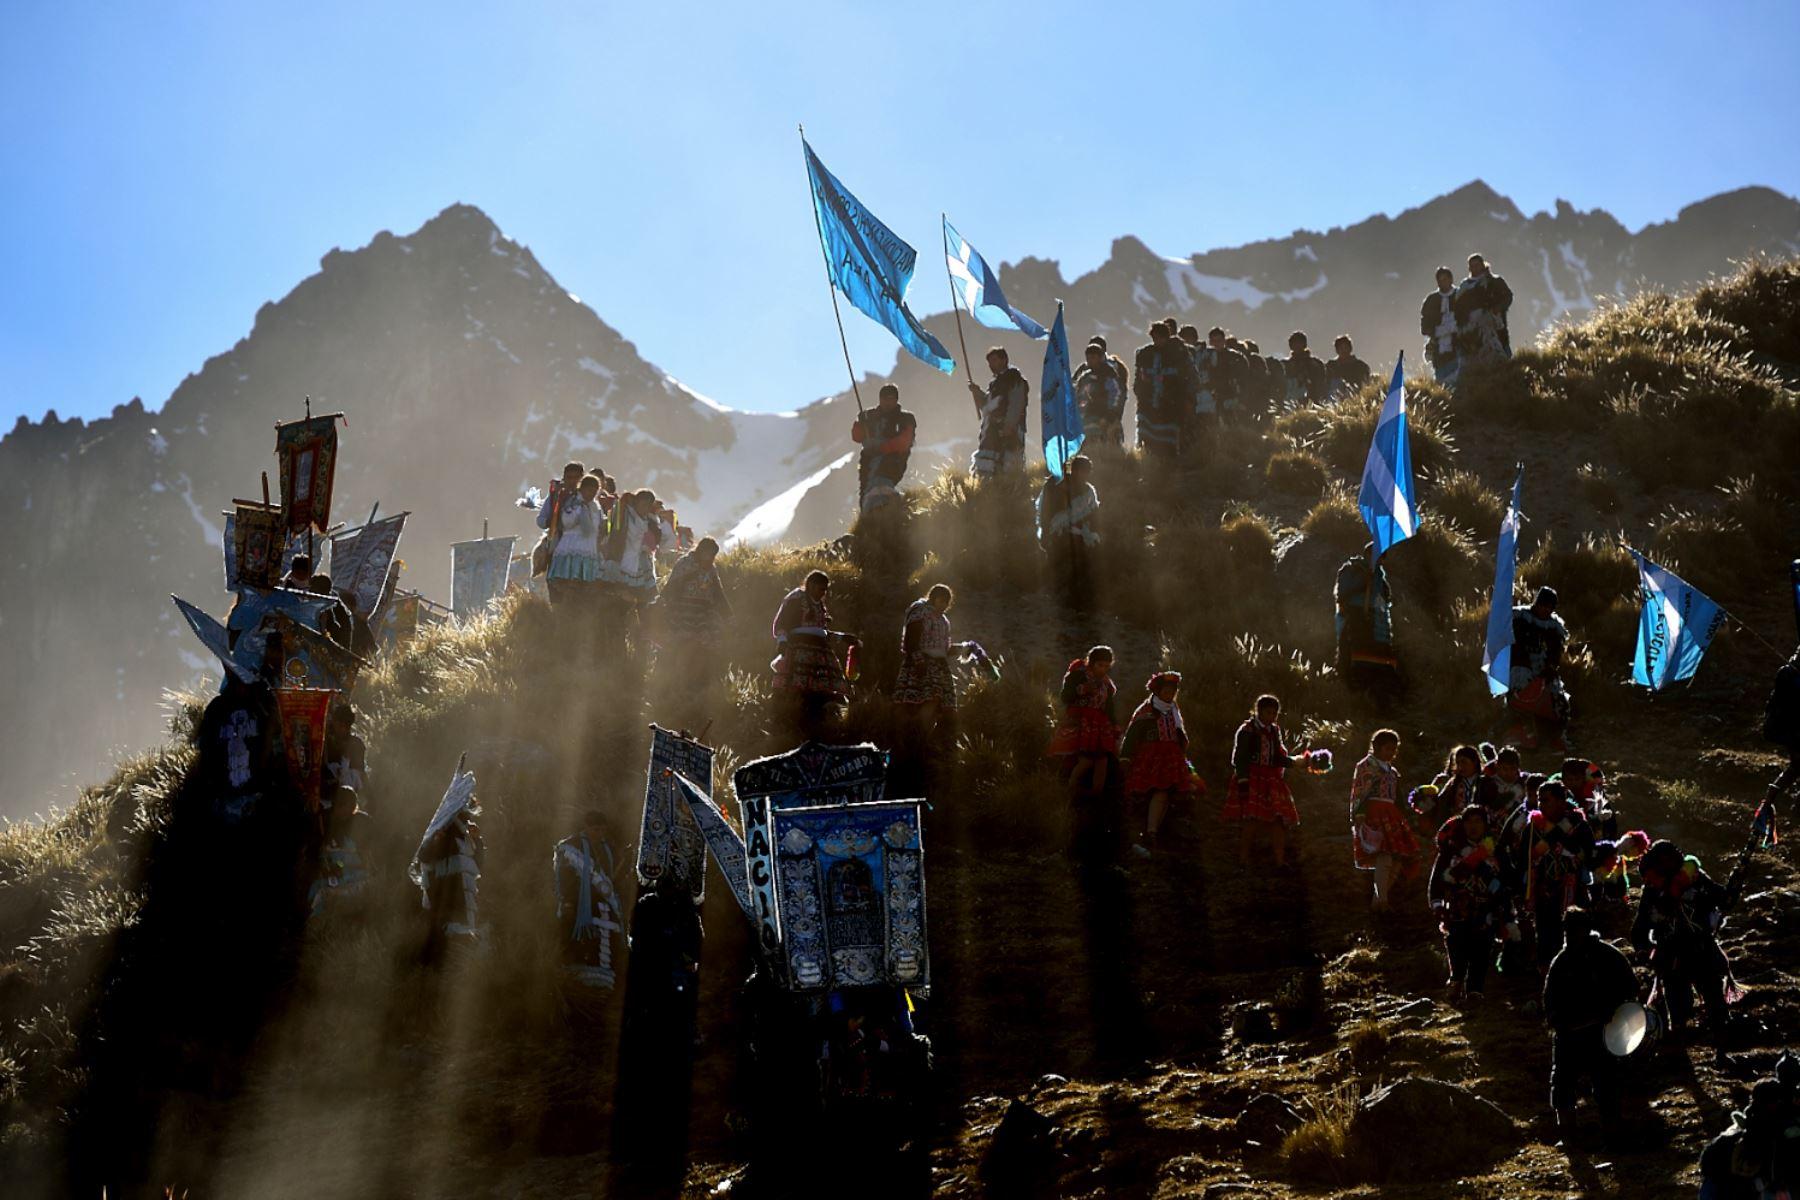 Danzarines y Pablitos descienden de lo alto del nevado, para asistir a la misa central del Señor de Qoylluriti. Foto: Cortesía/ José Sotomayor